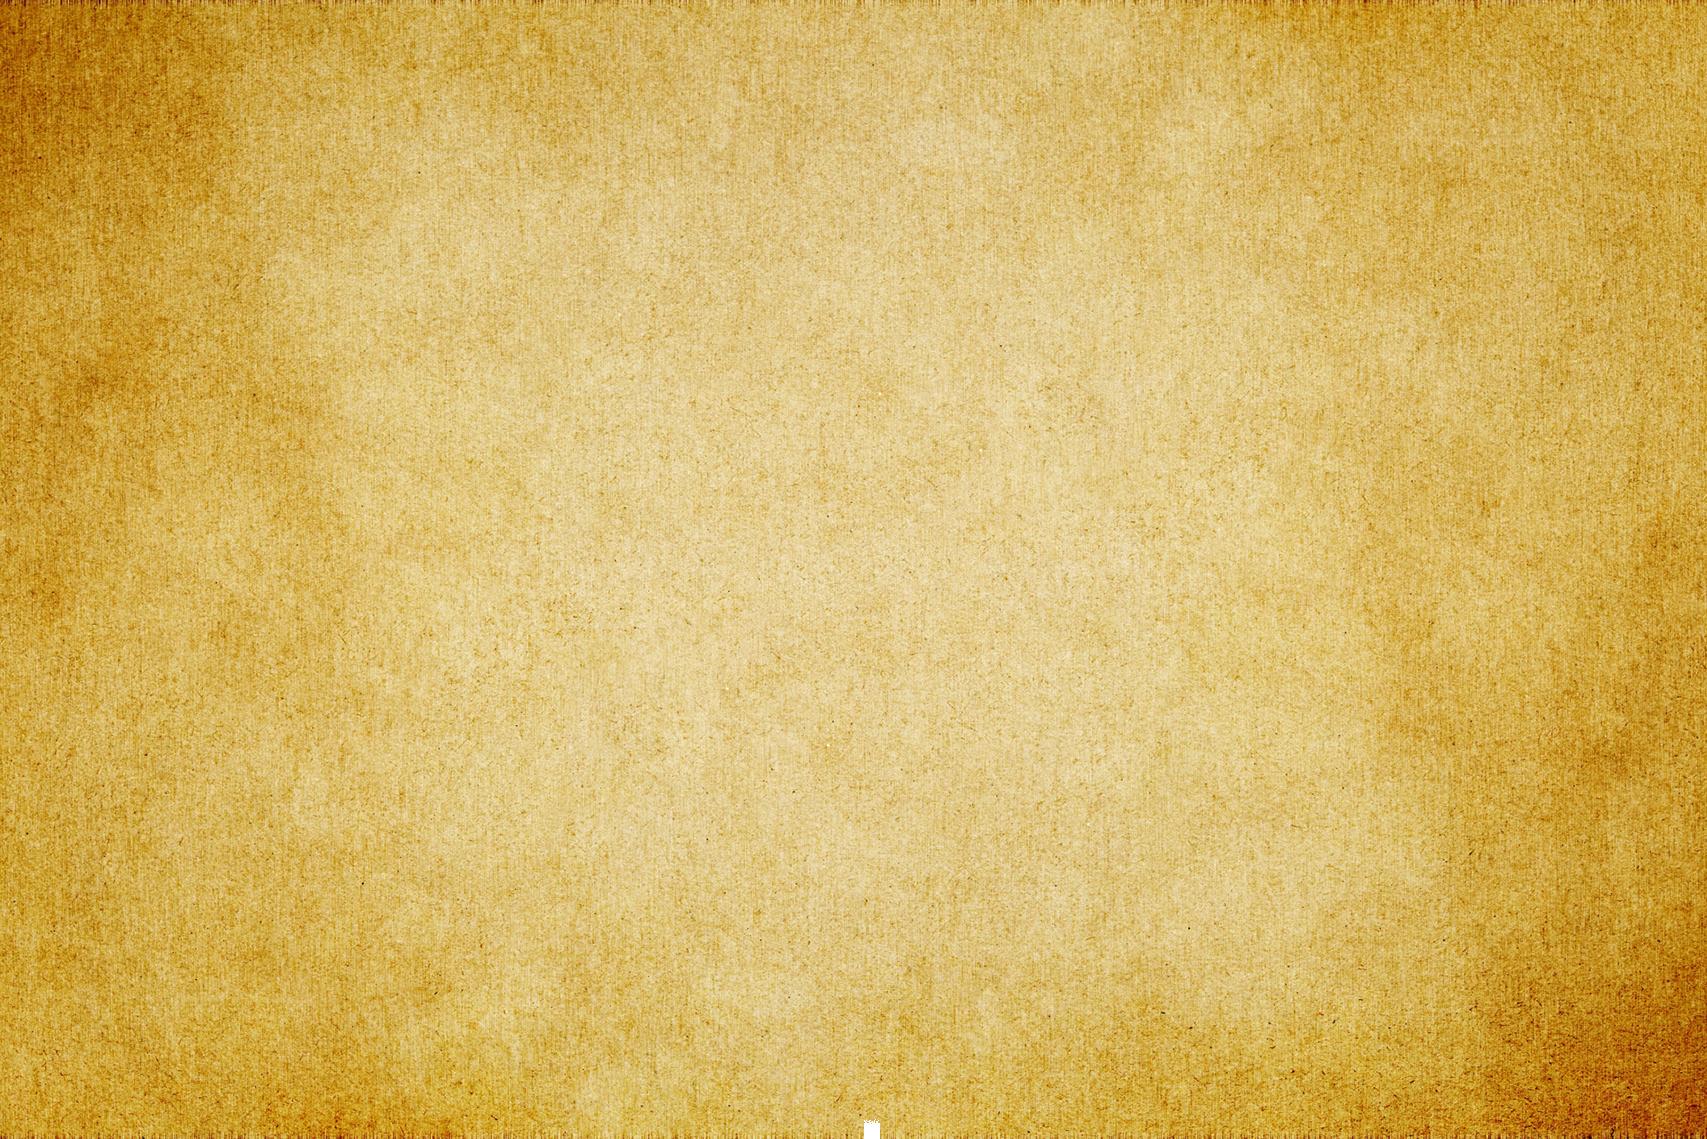 bg-kosidake